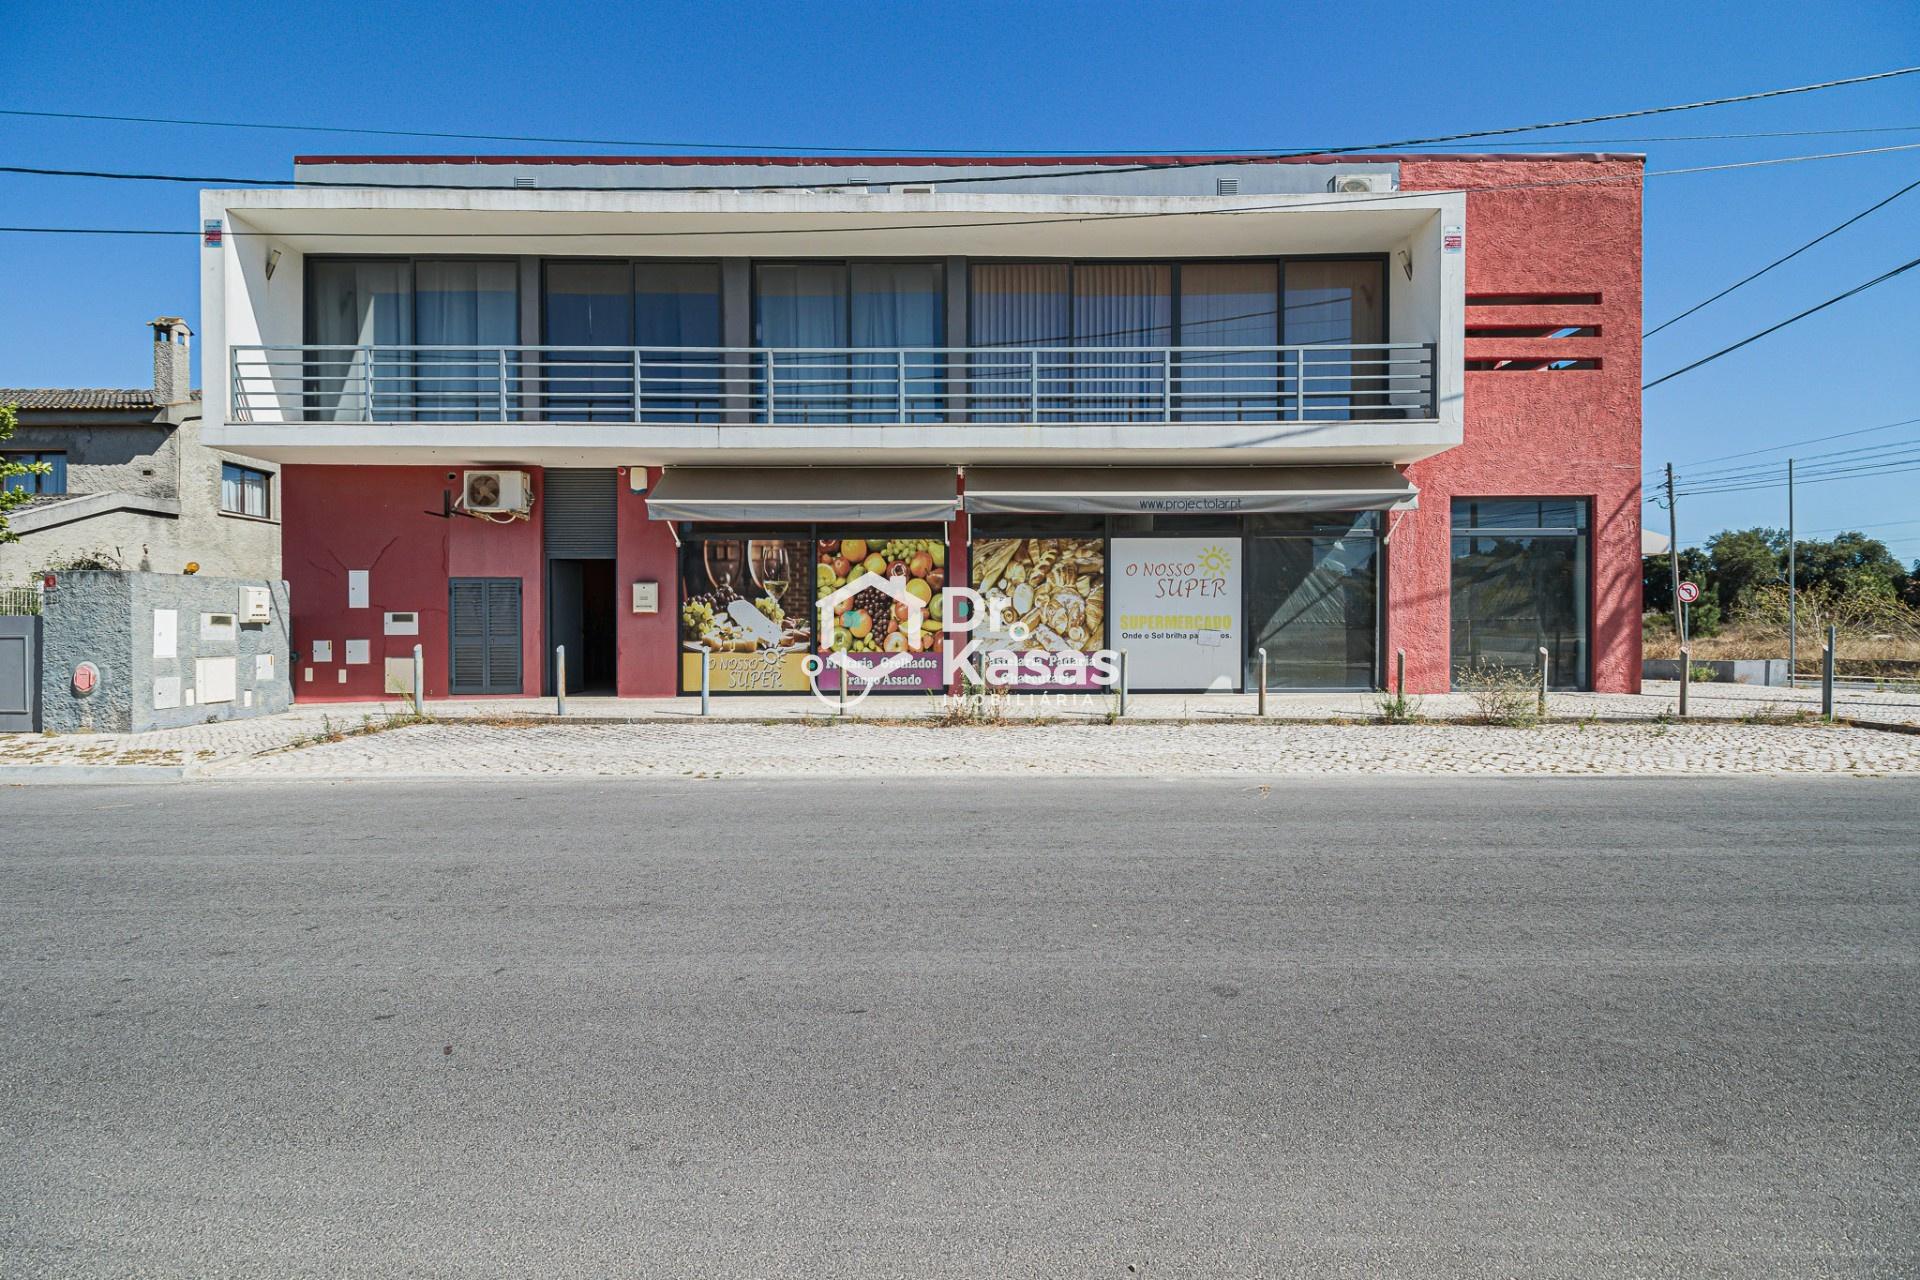 Loja destinada a comércio em Bairro Assunção,  Villas da Serra -  Penalva